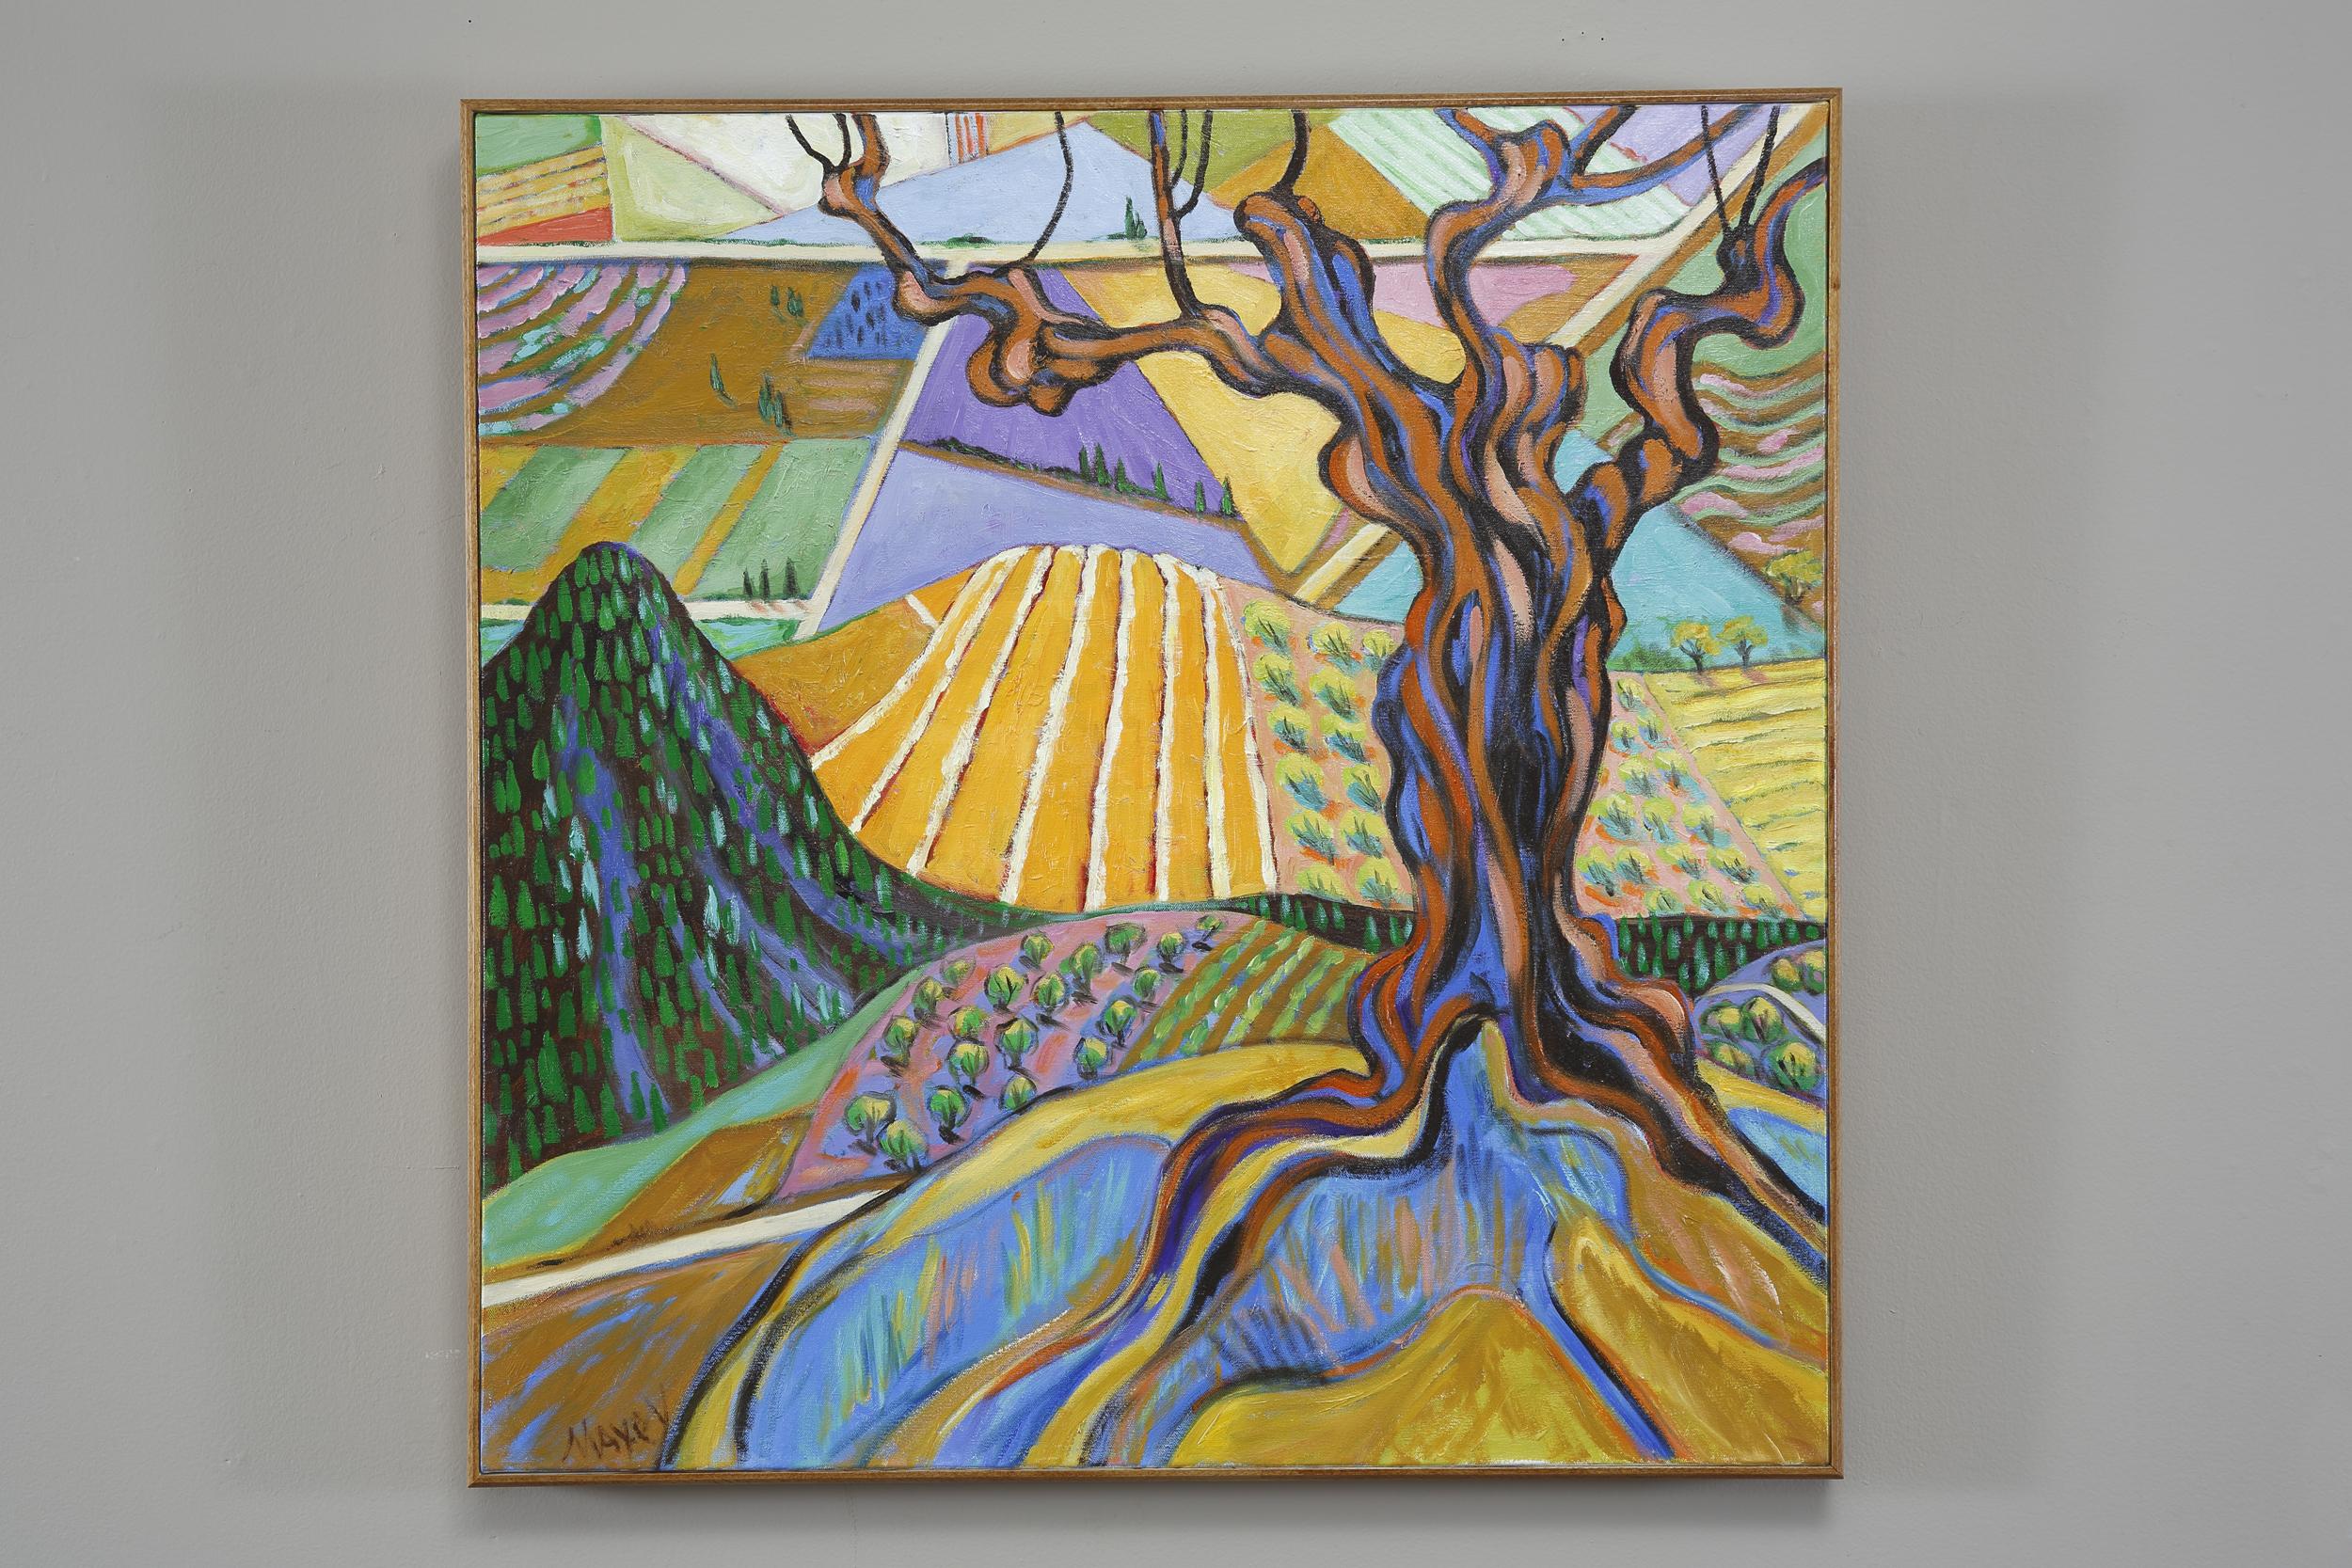 Old Olive Tree at La Mandrie, oil on canvas, 30 x 30